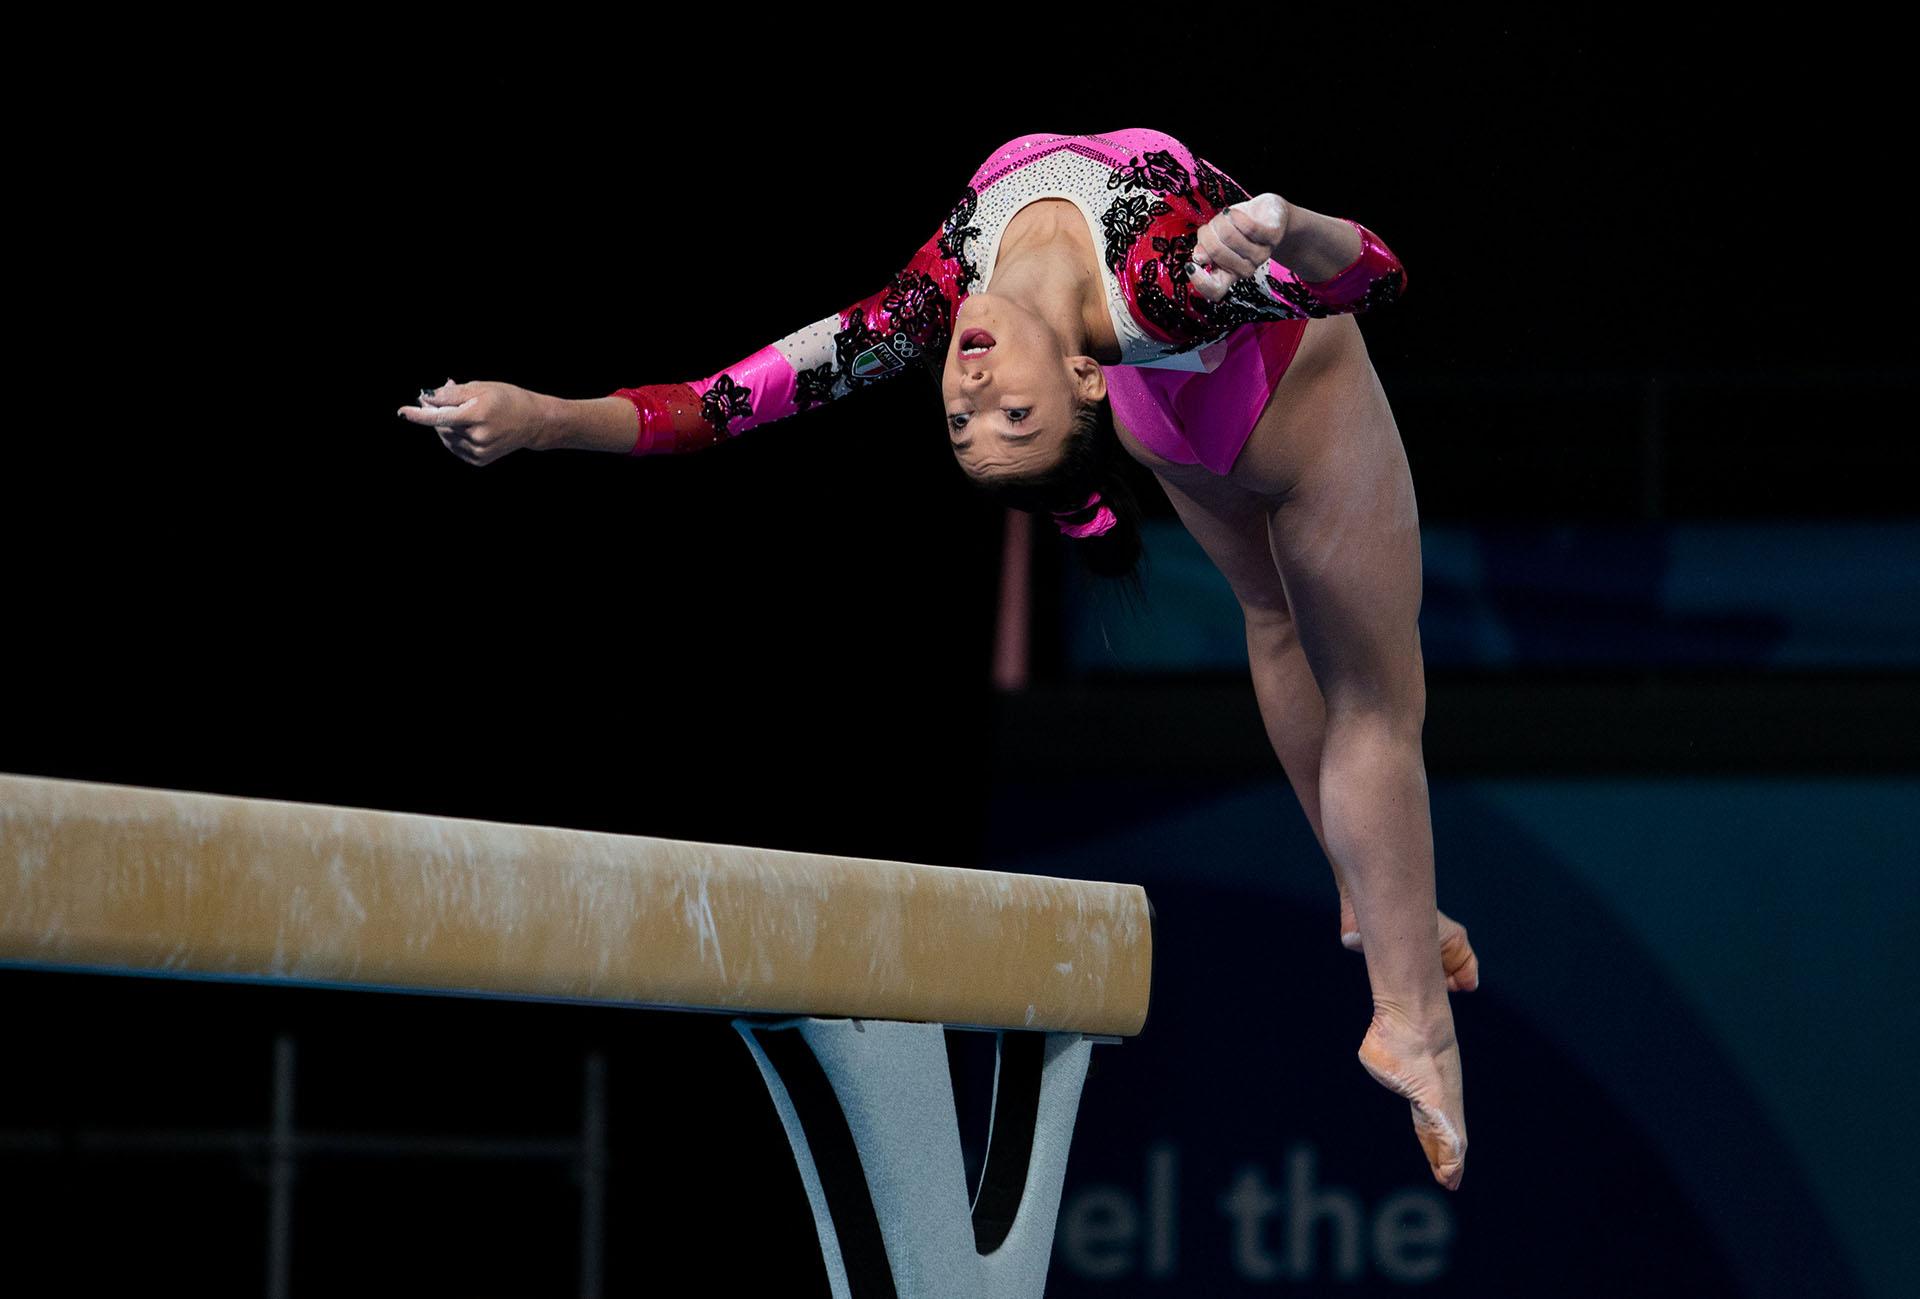 La italiana Giorgia Villa y su perfomance en gimnasia artística